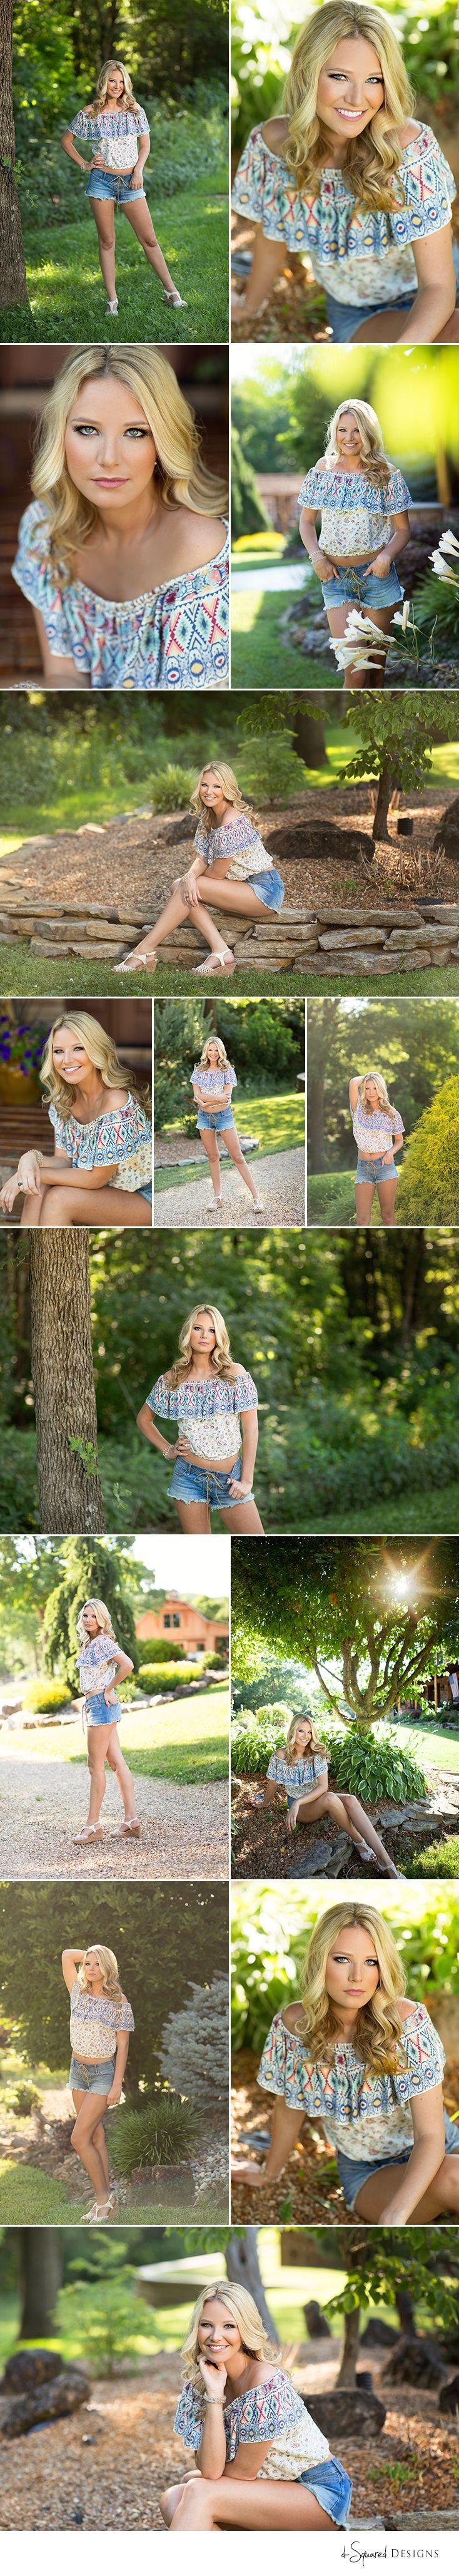 d-Squared Designs St. Louis, MO Senior Photography, Summer senior girl. Gorgeous senior. Summer senior outfit. Country senior girl. Golden hour. Daisy dukes. Senior posing.